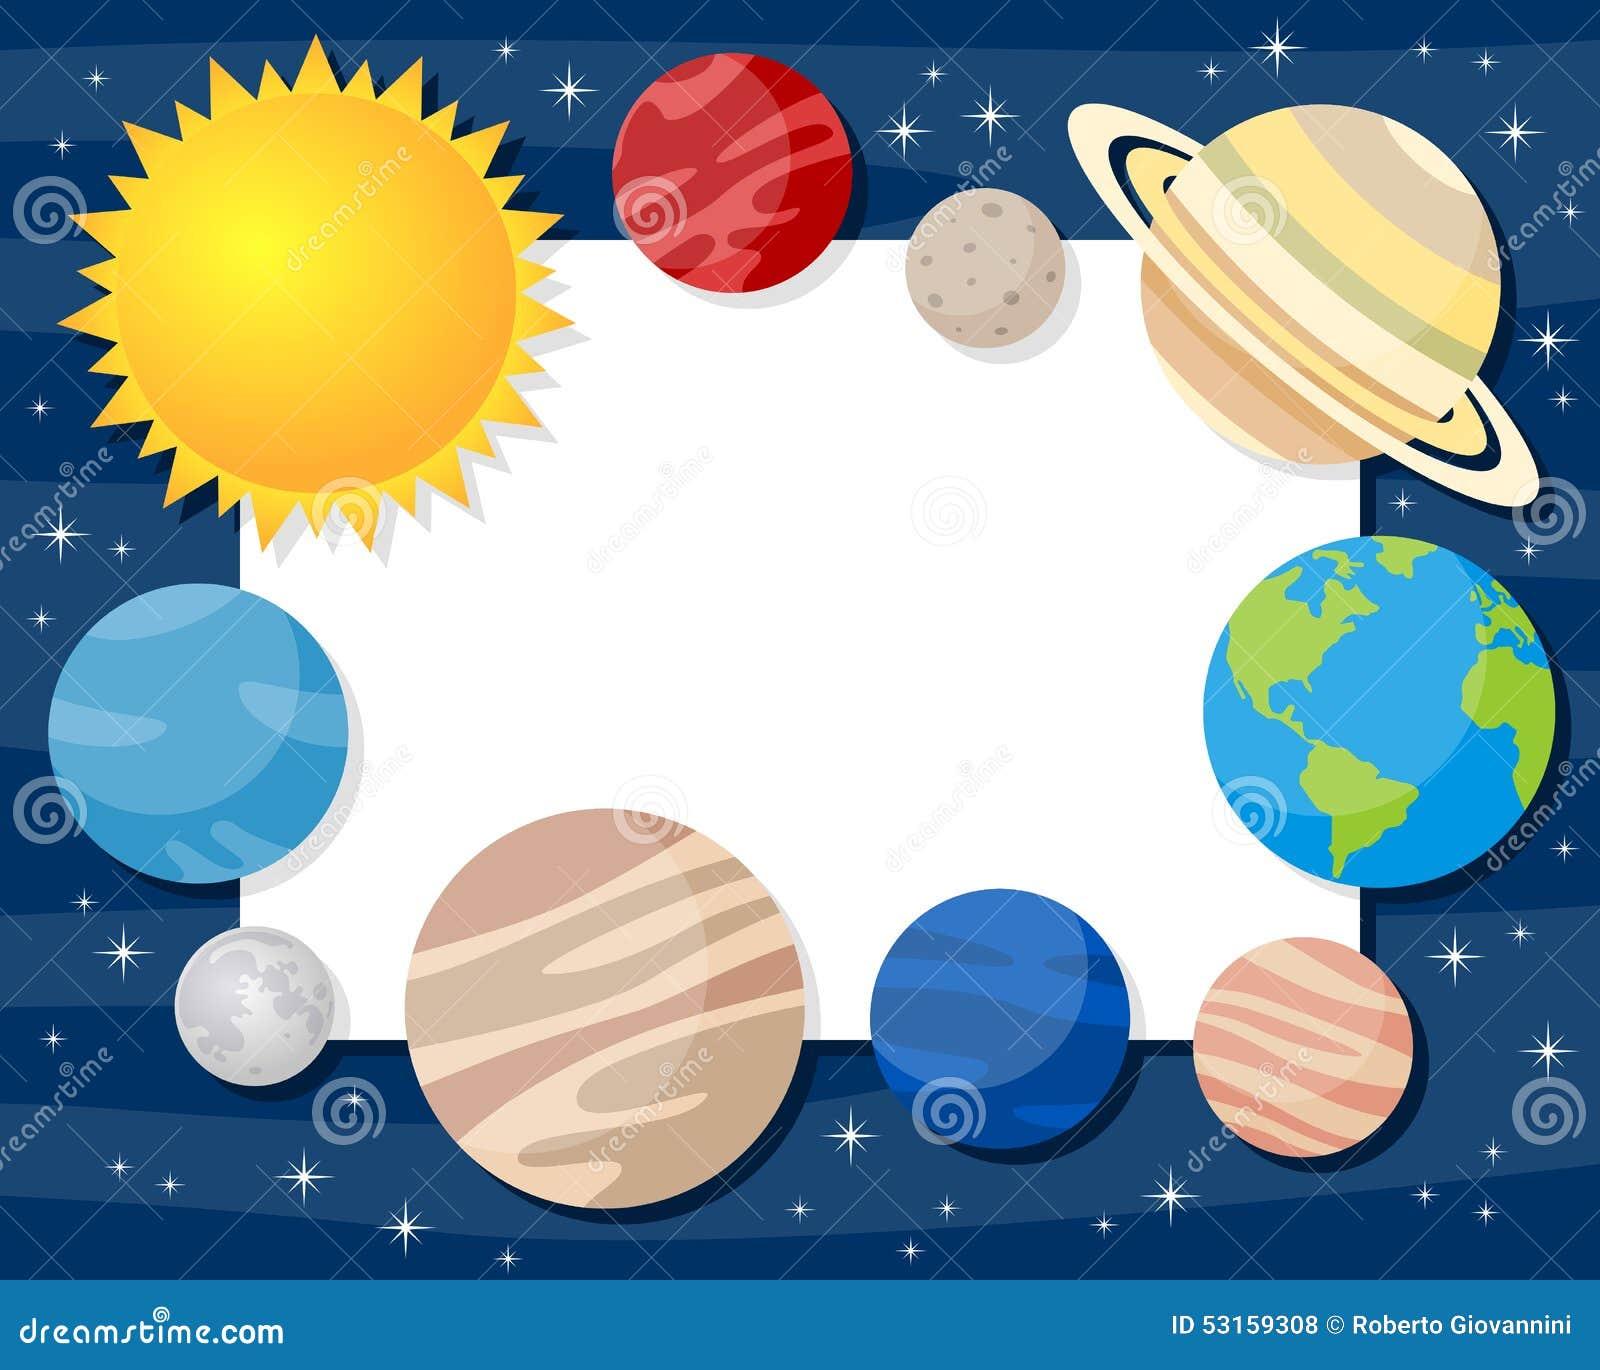 Diagrama De Los Planetas La Sistema Solar Ilustracin System Planets Diagram Stock Vector Image 49592184 Marco Horizontal Del Imagen 53159308